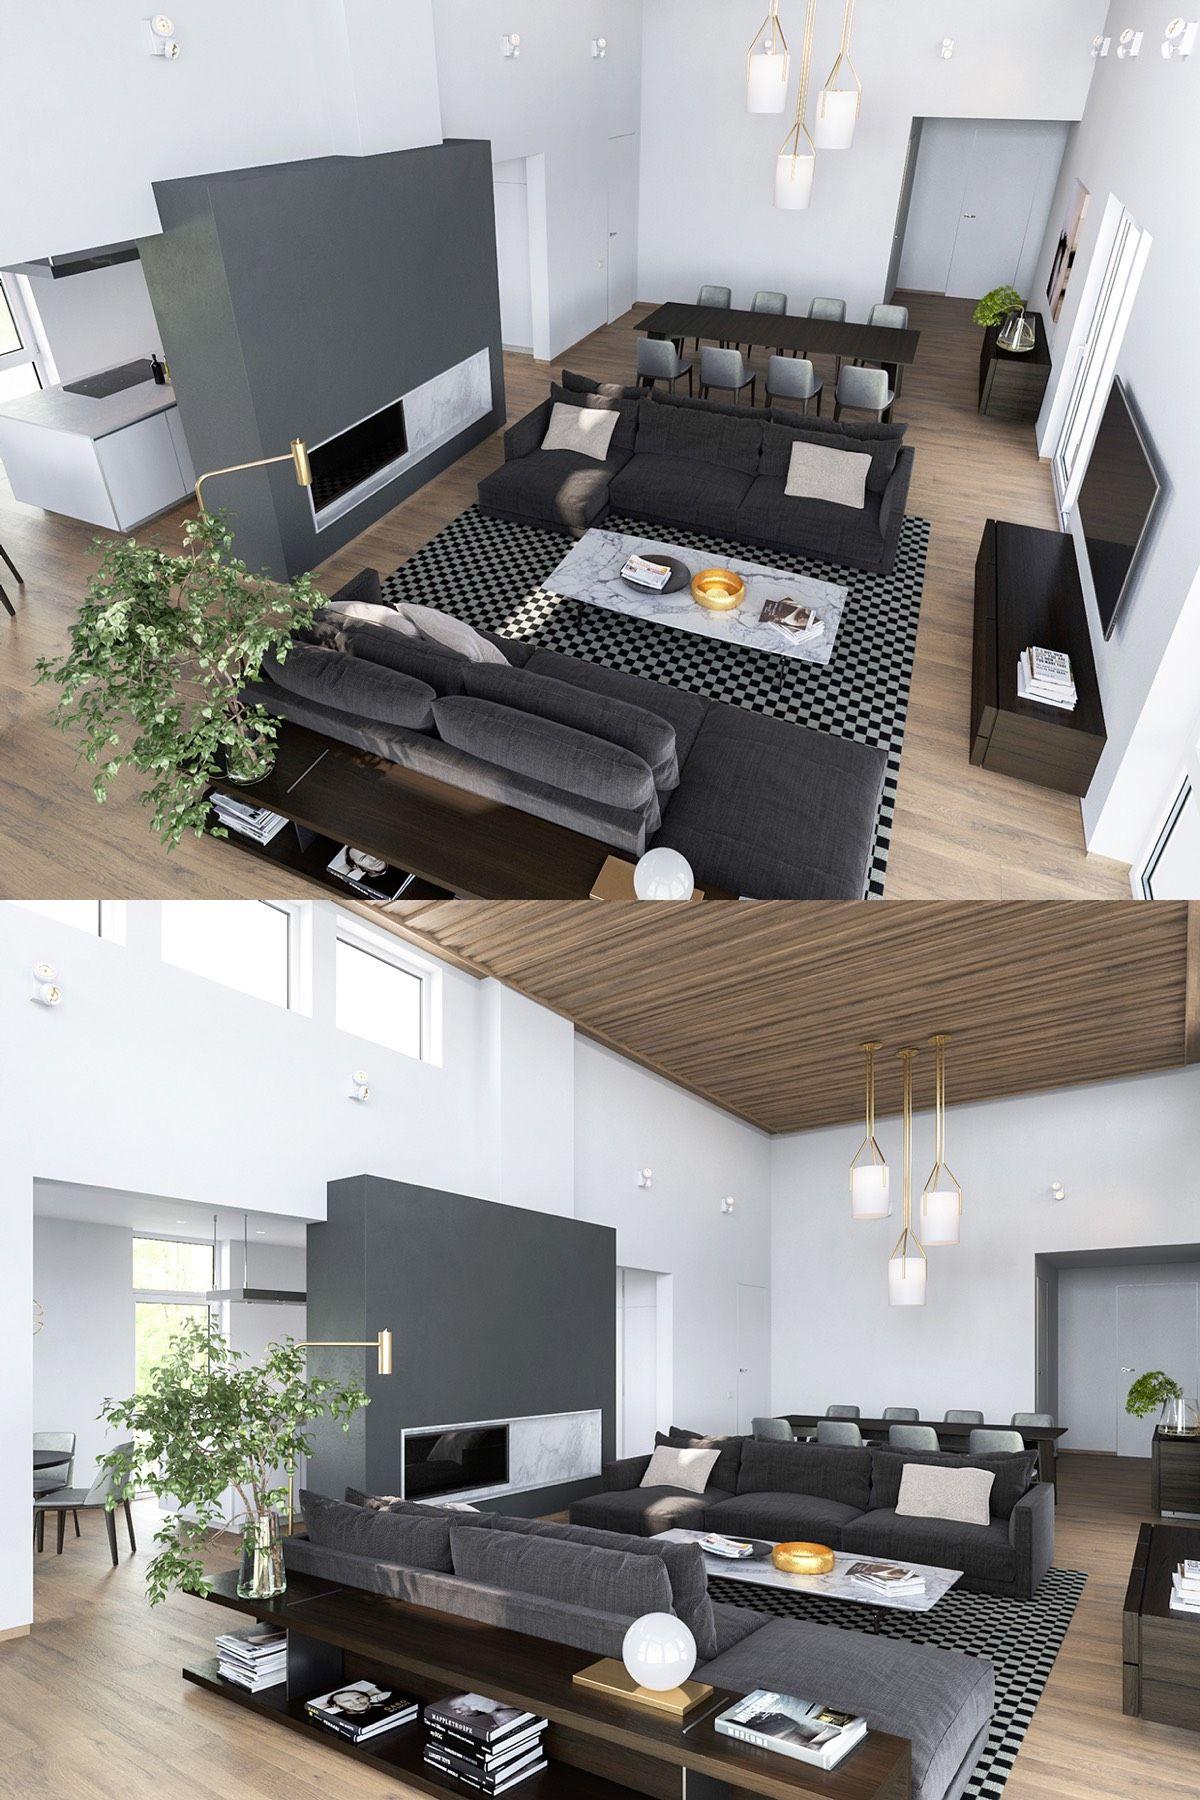 Innenarchitektur wohnzimmerfarbe kreative ideen um luxuriöse wohnzimmer designs bemerkenswerter mit